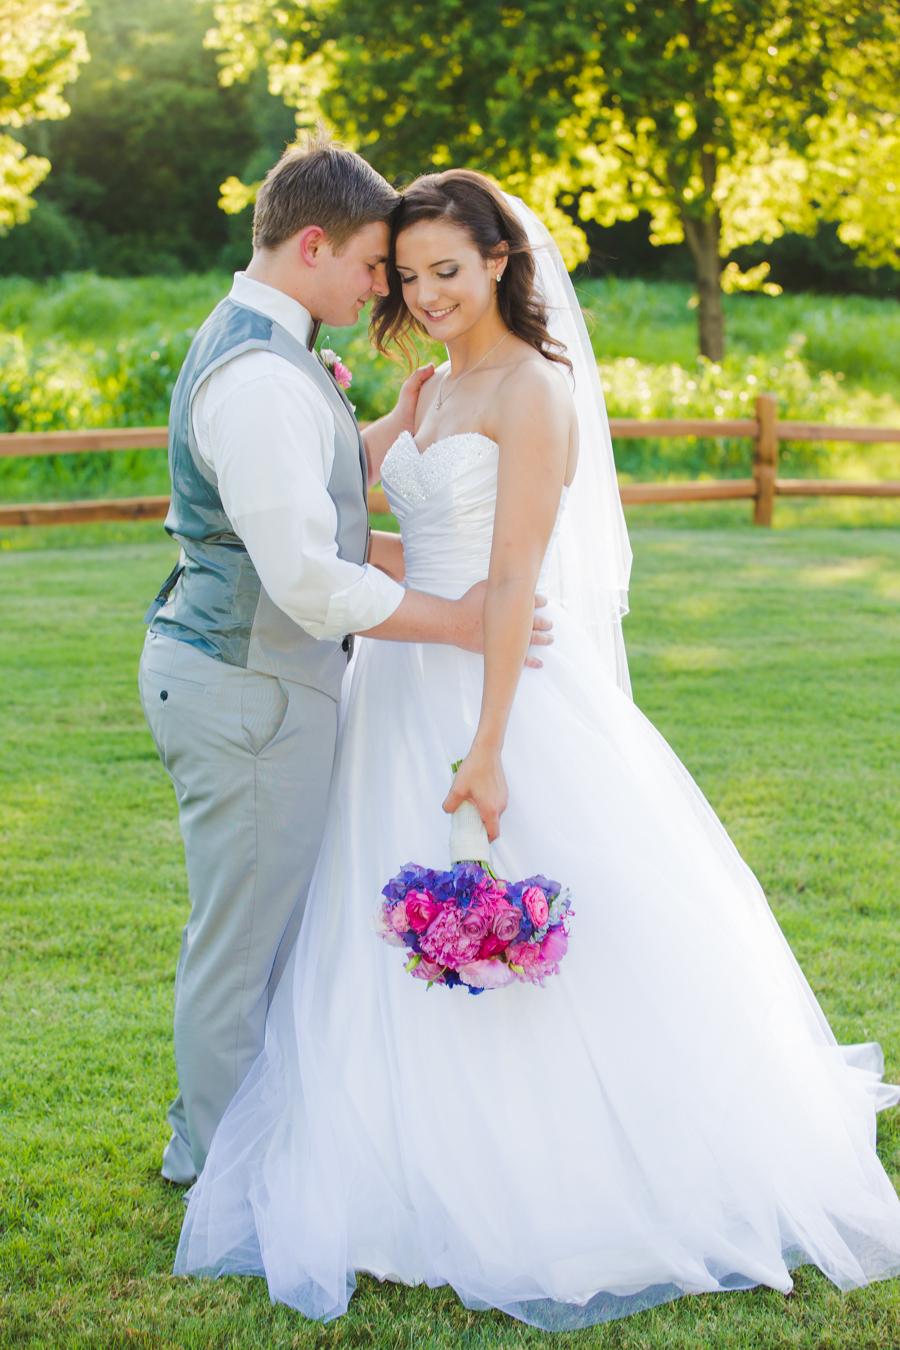 Edmond-wedding-photographer-70.jpg